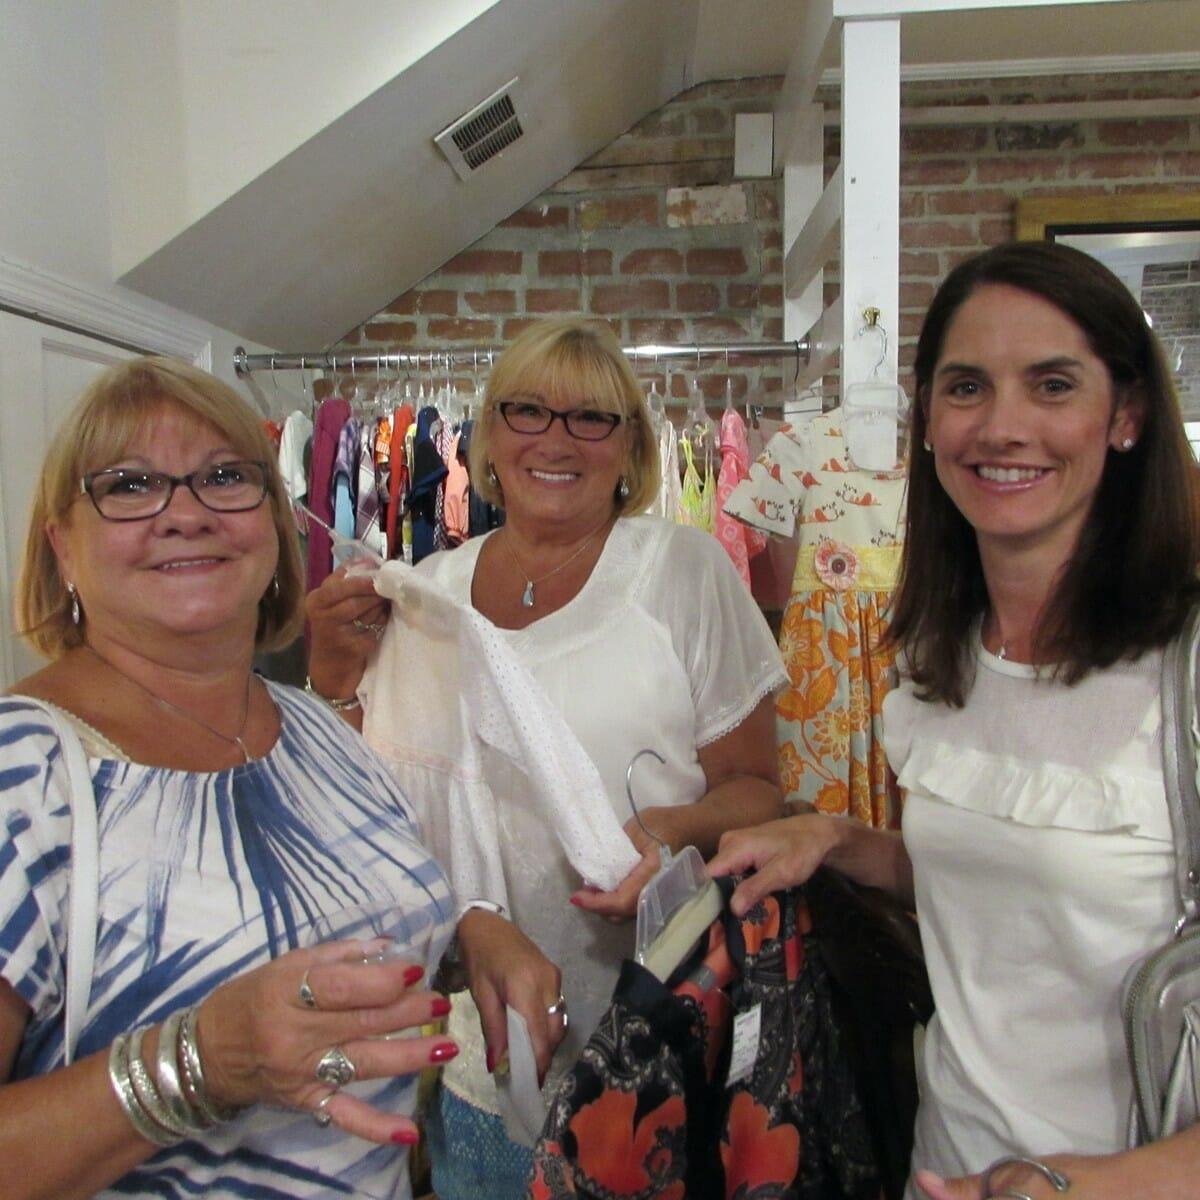 Kathleen Borzacchini, Nancy Loeper and Adrienne Ford